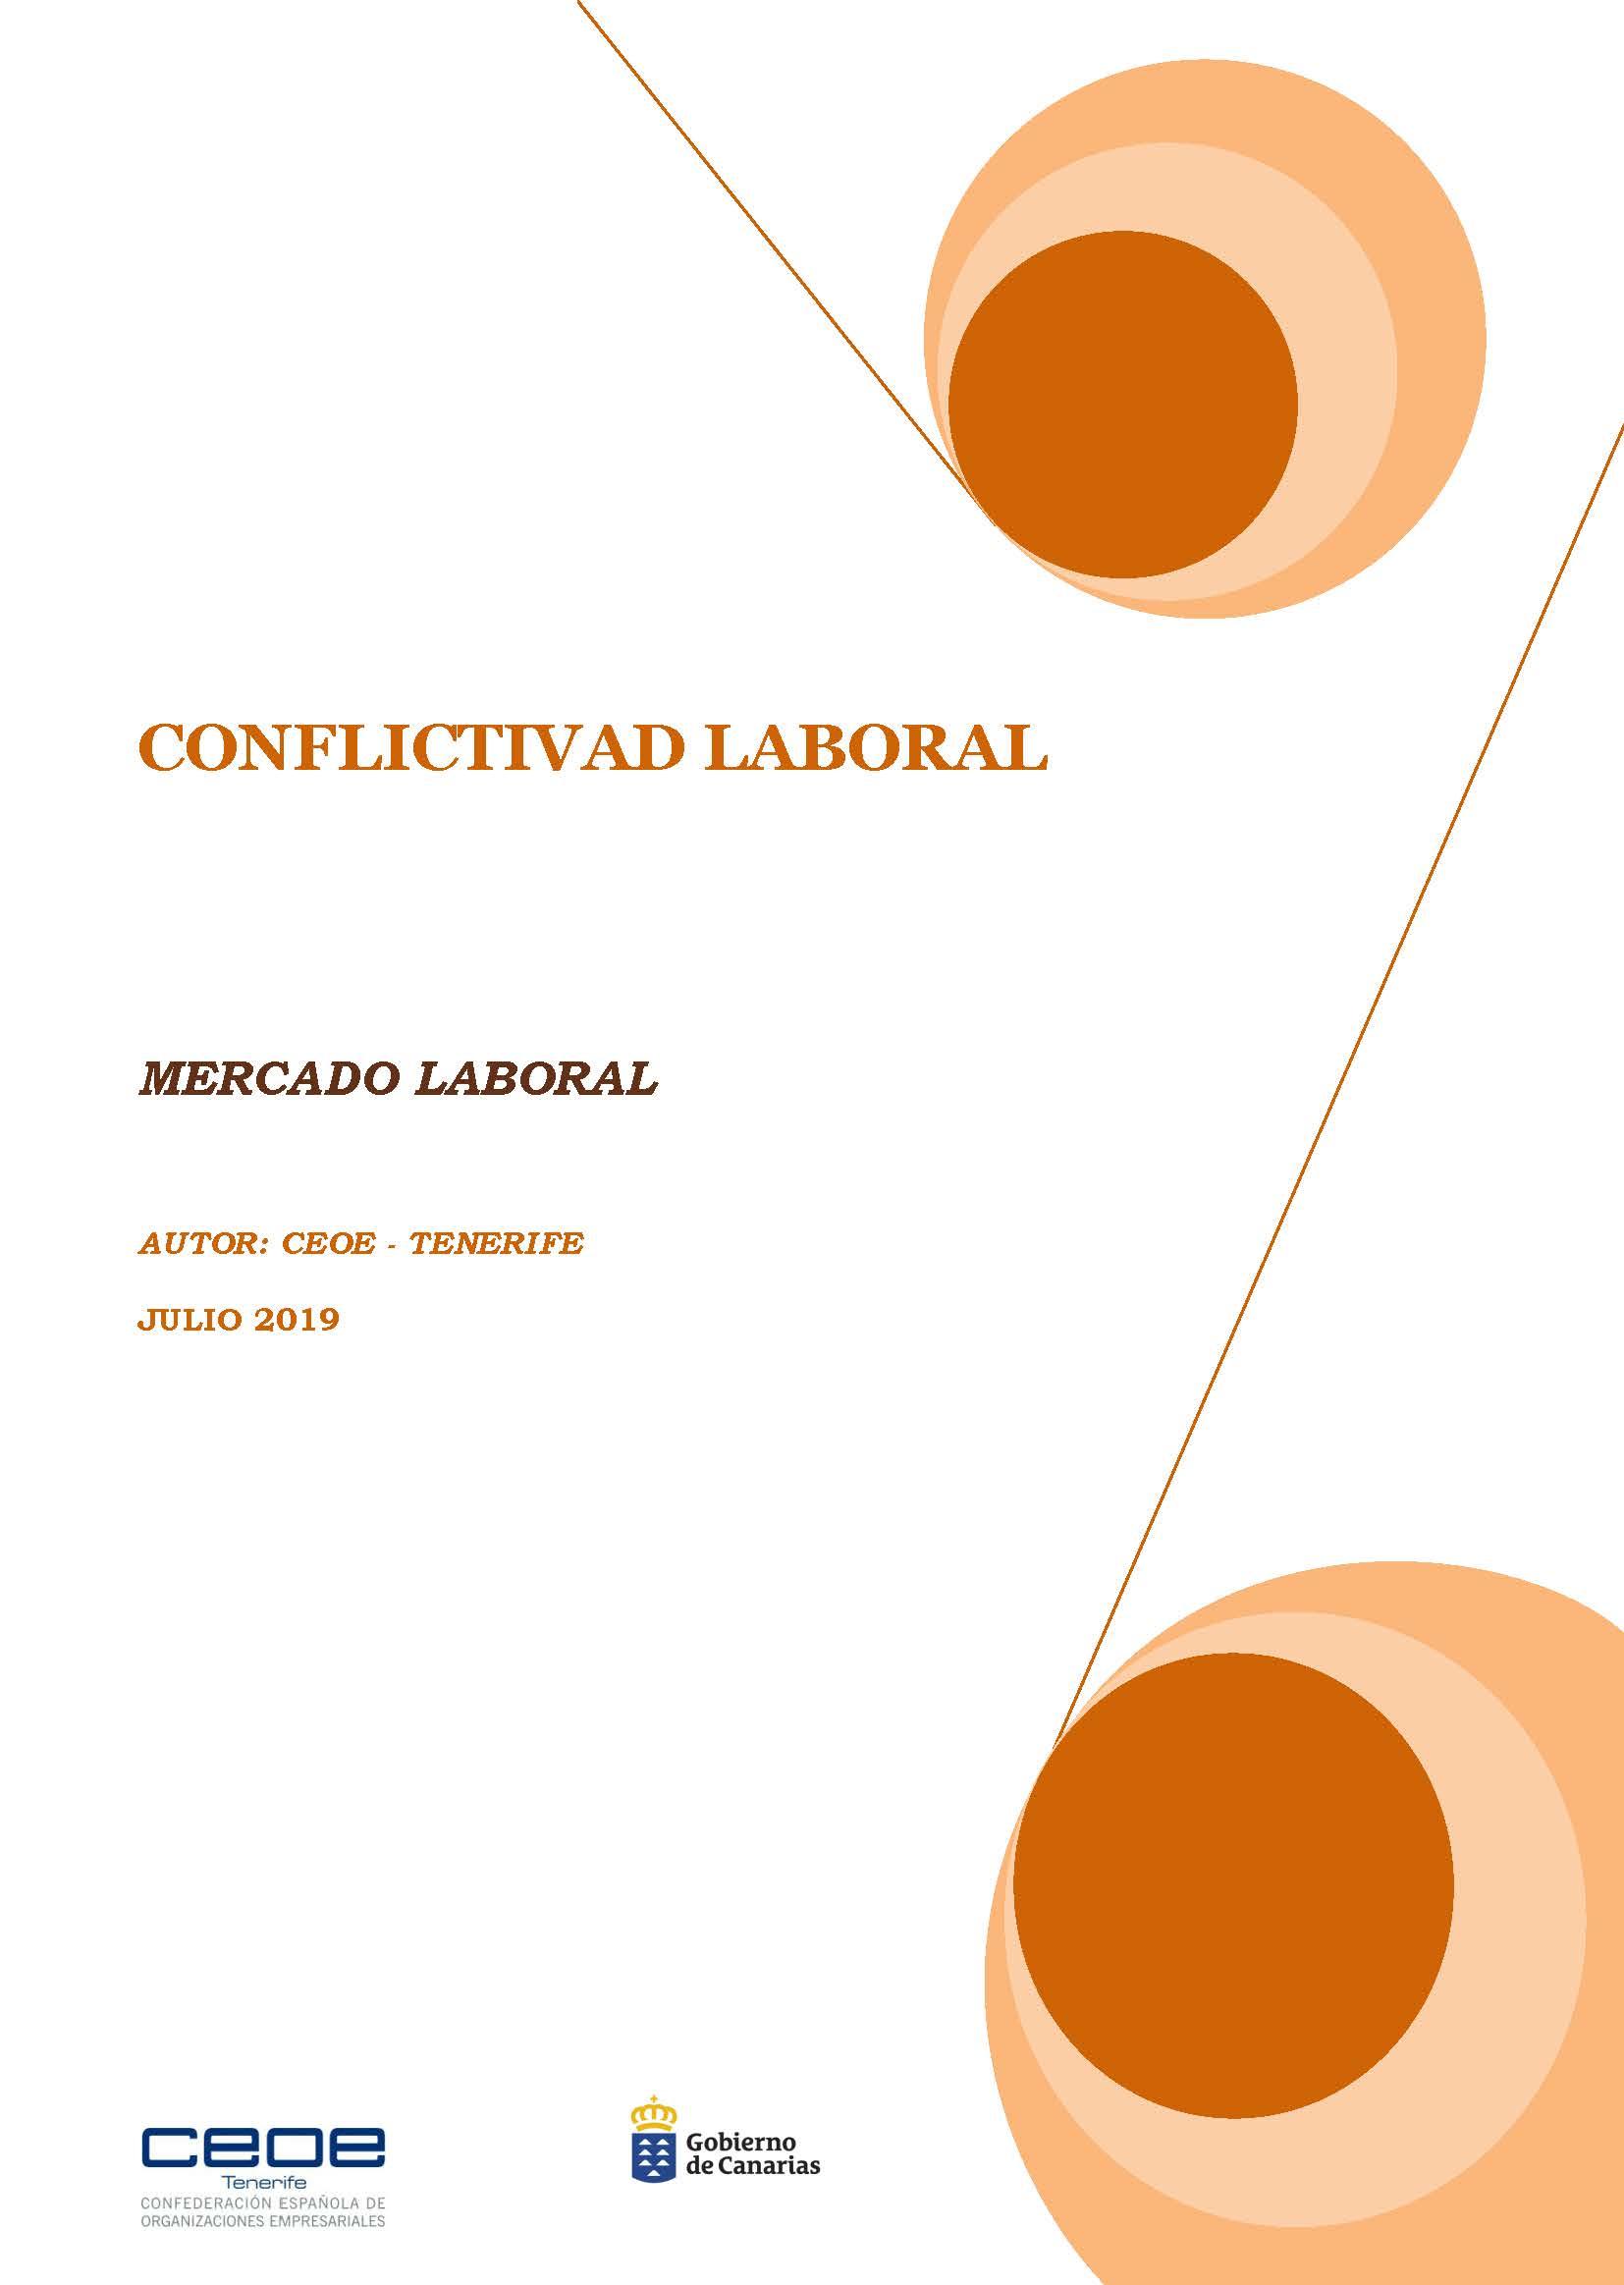 MERCADO LABORAL - CONFLICTIVIDAD LABORAL JULIO 2019